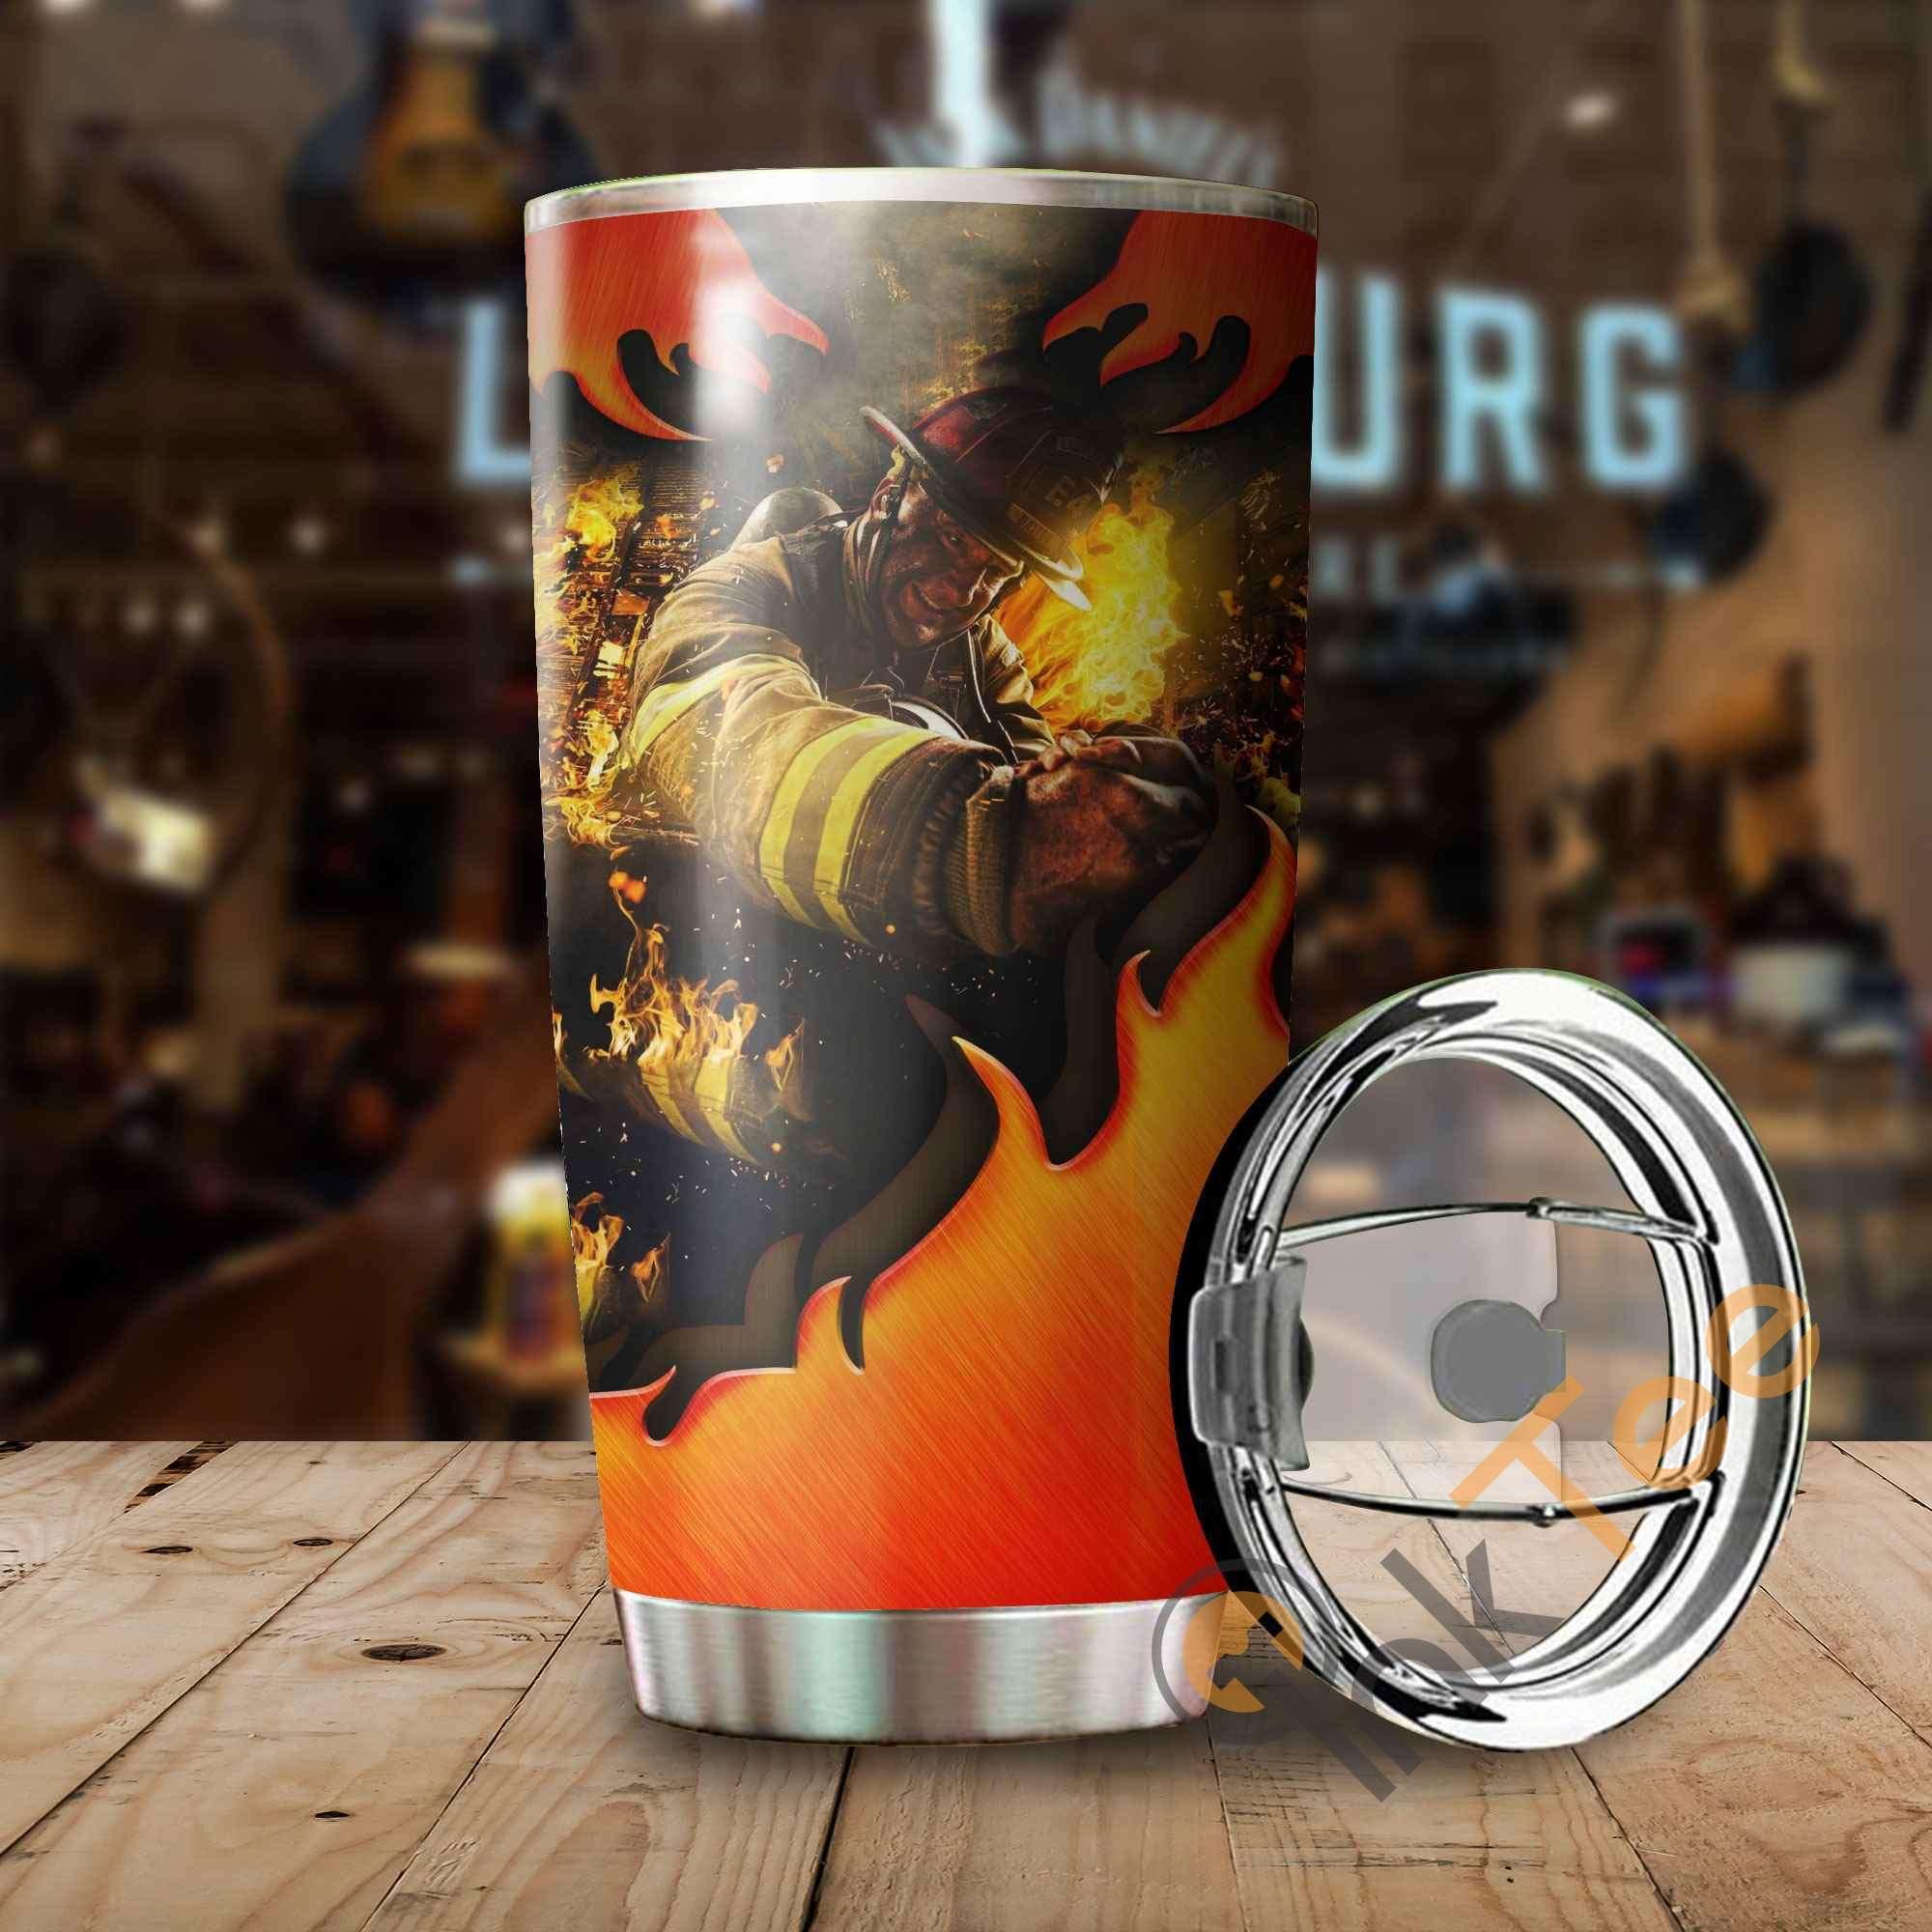 Firefighter Amazon Best Seller Sku 3346 Stainless Steel Tumbler